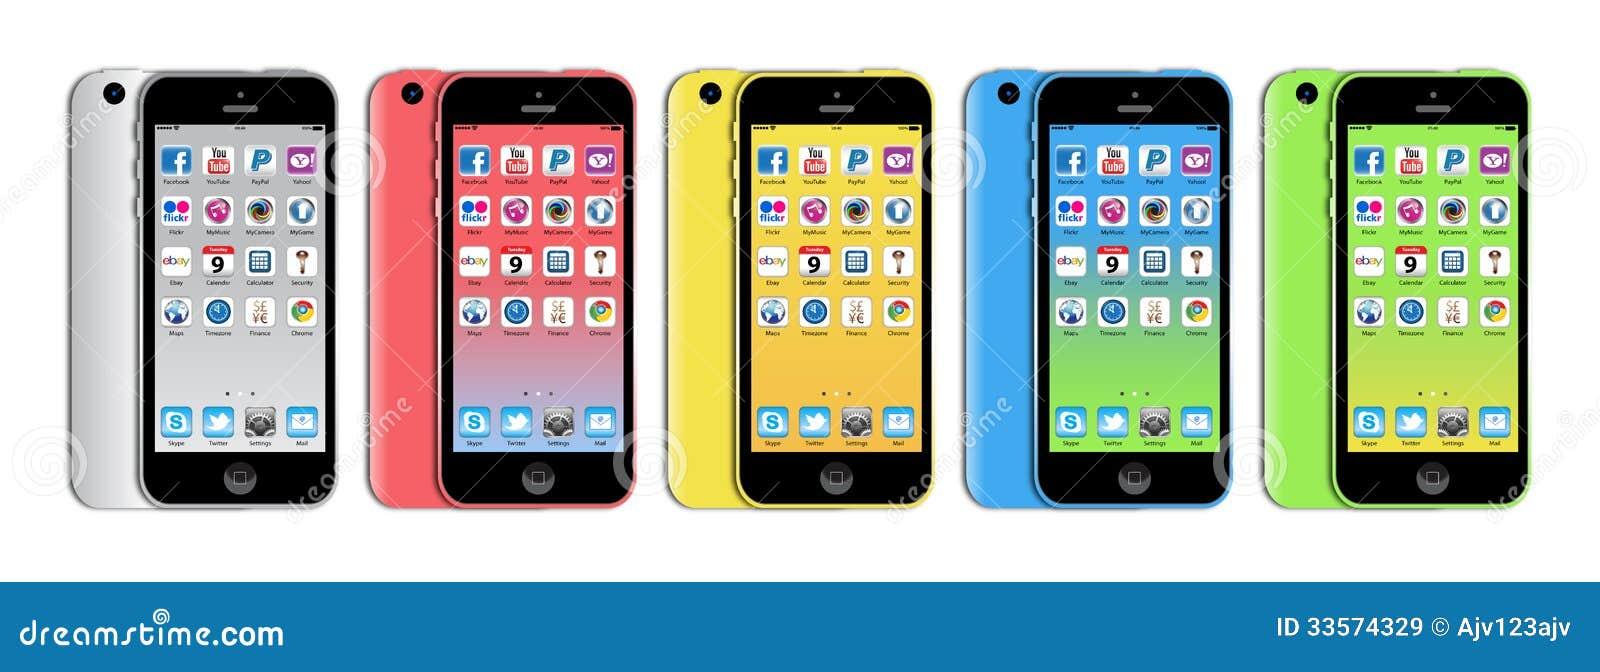 Νέο iphone της Apple 5c